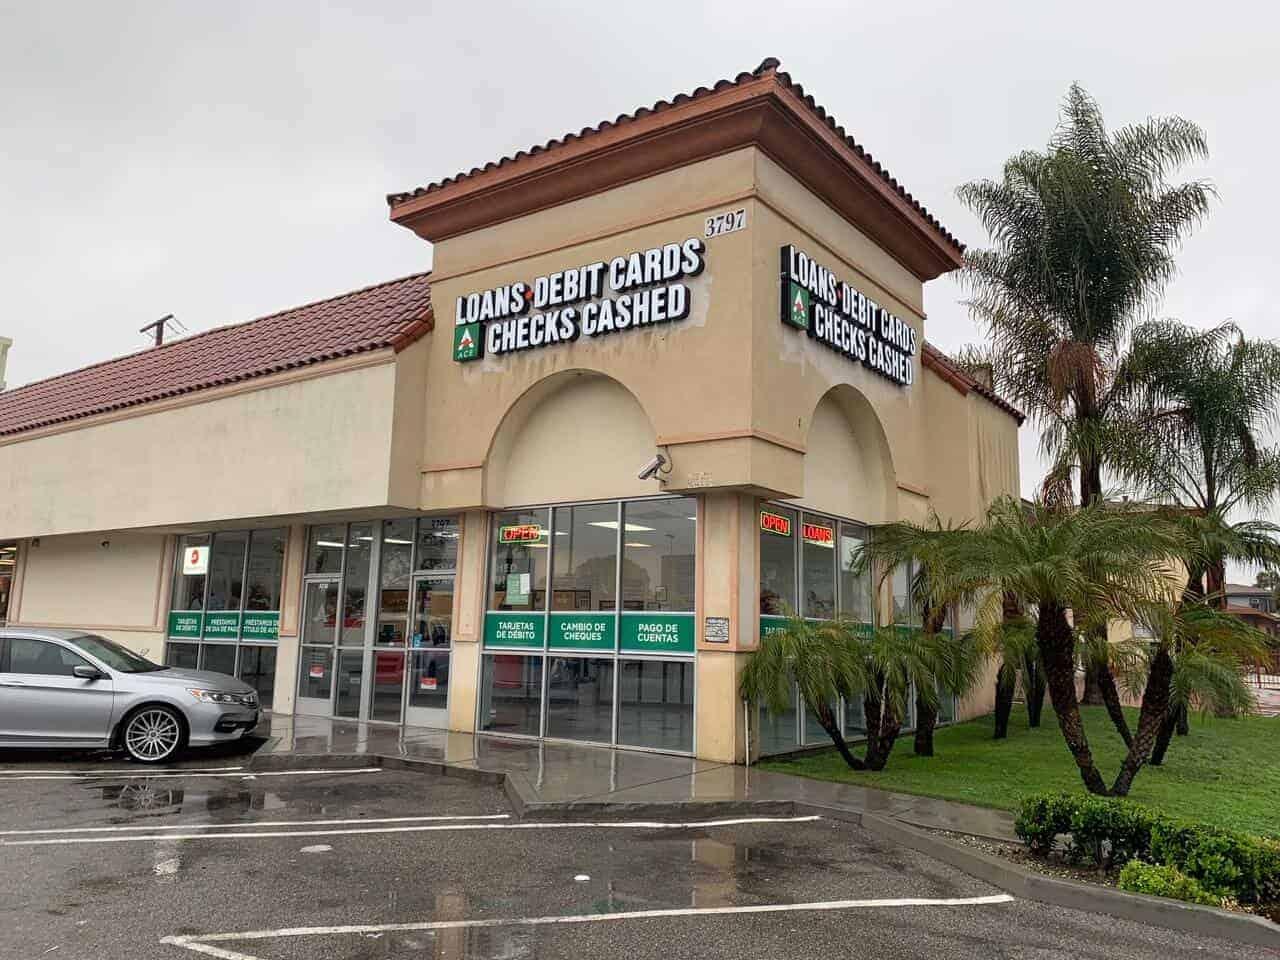 ACE loan store